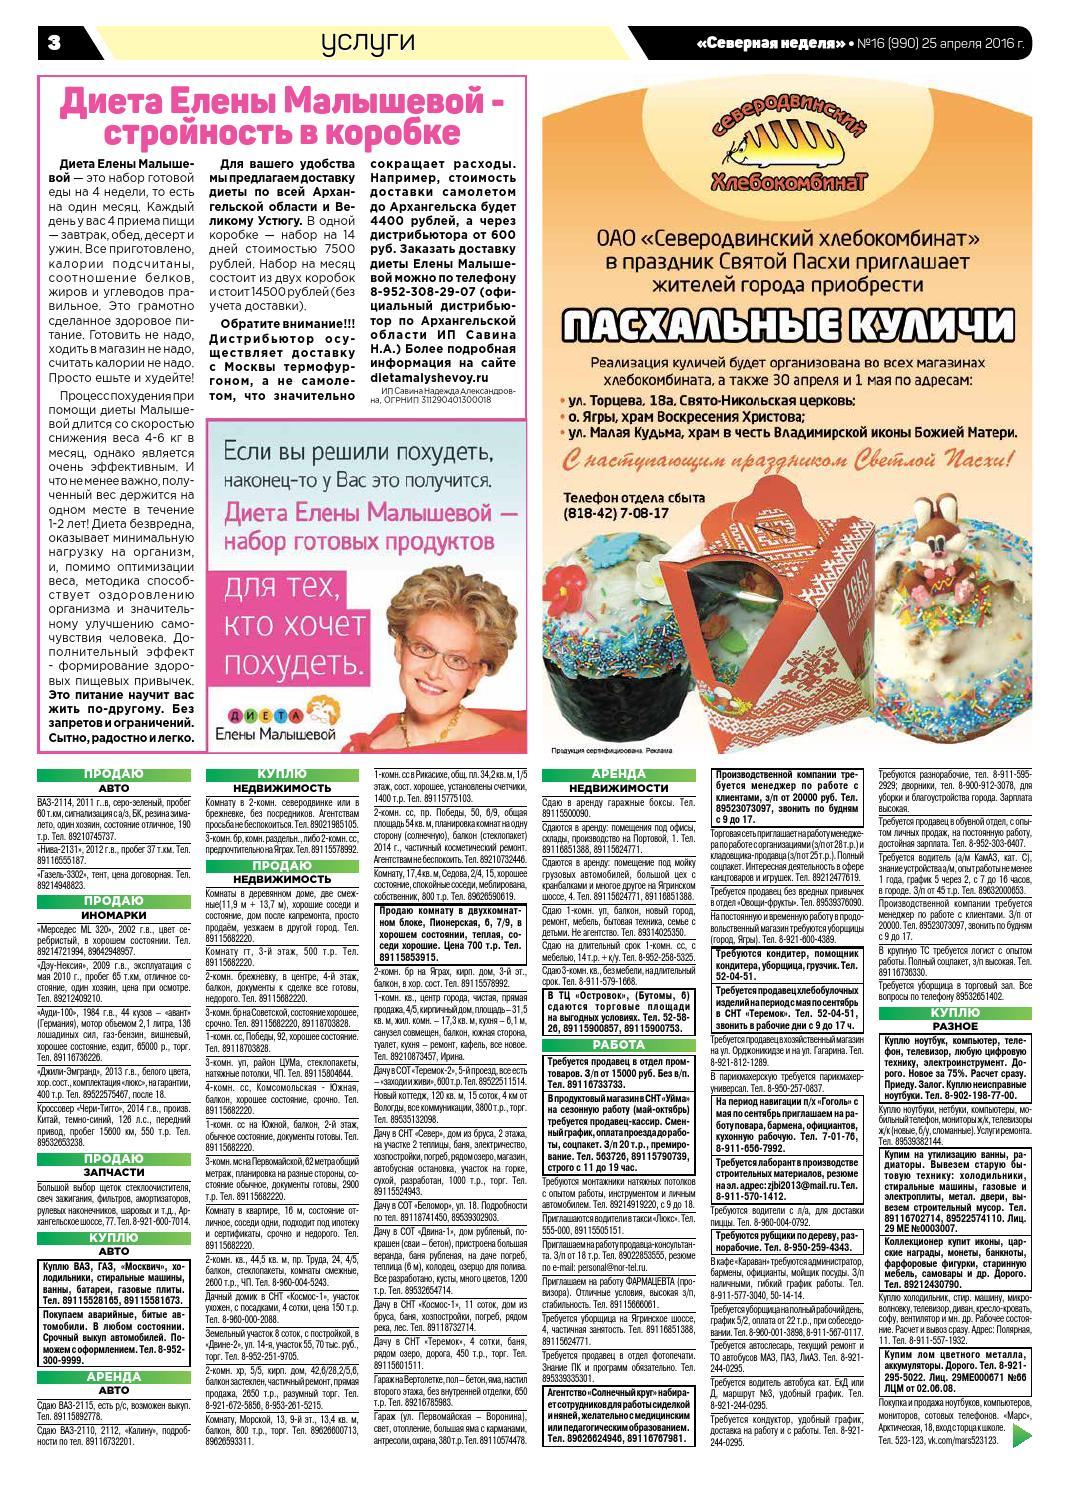 10 Диеты Елены Малышевой. Диета Елены Малышевой: бесплатное меню и рецепты на каждый день